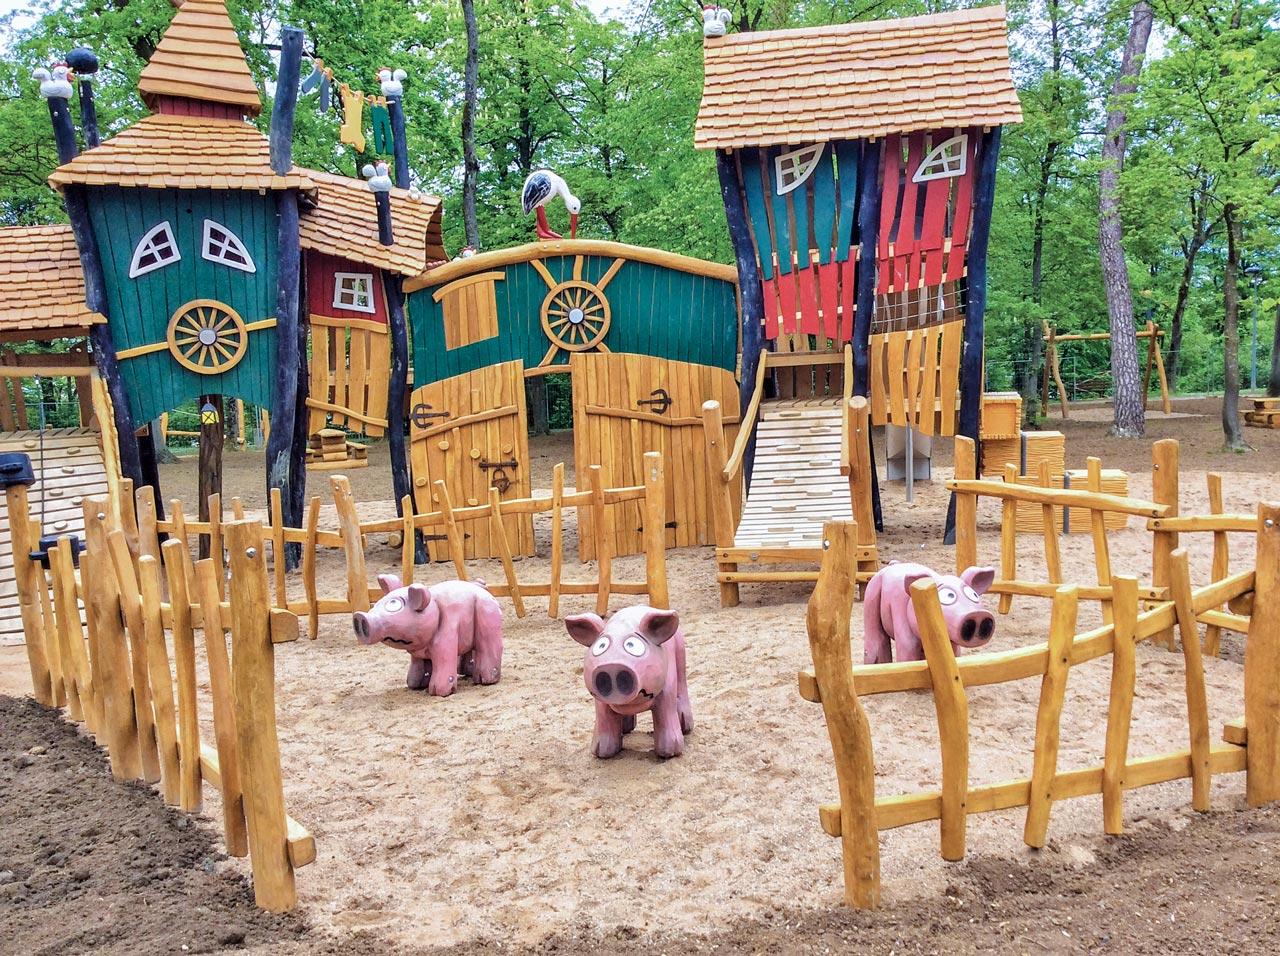 A 206 Themenspielplatz Bauernhof